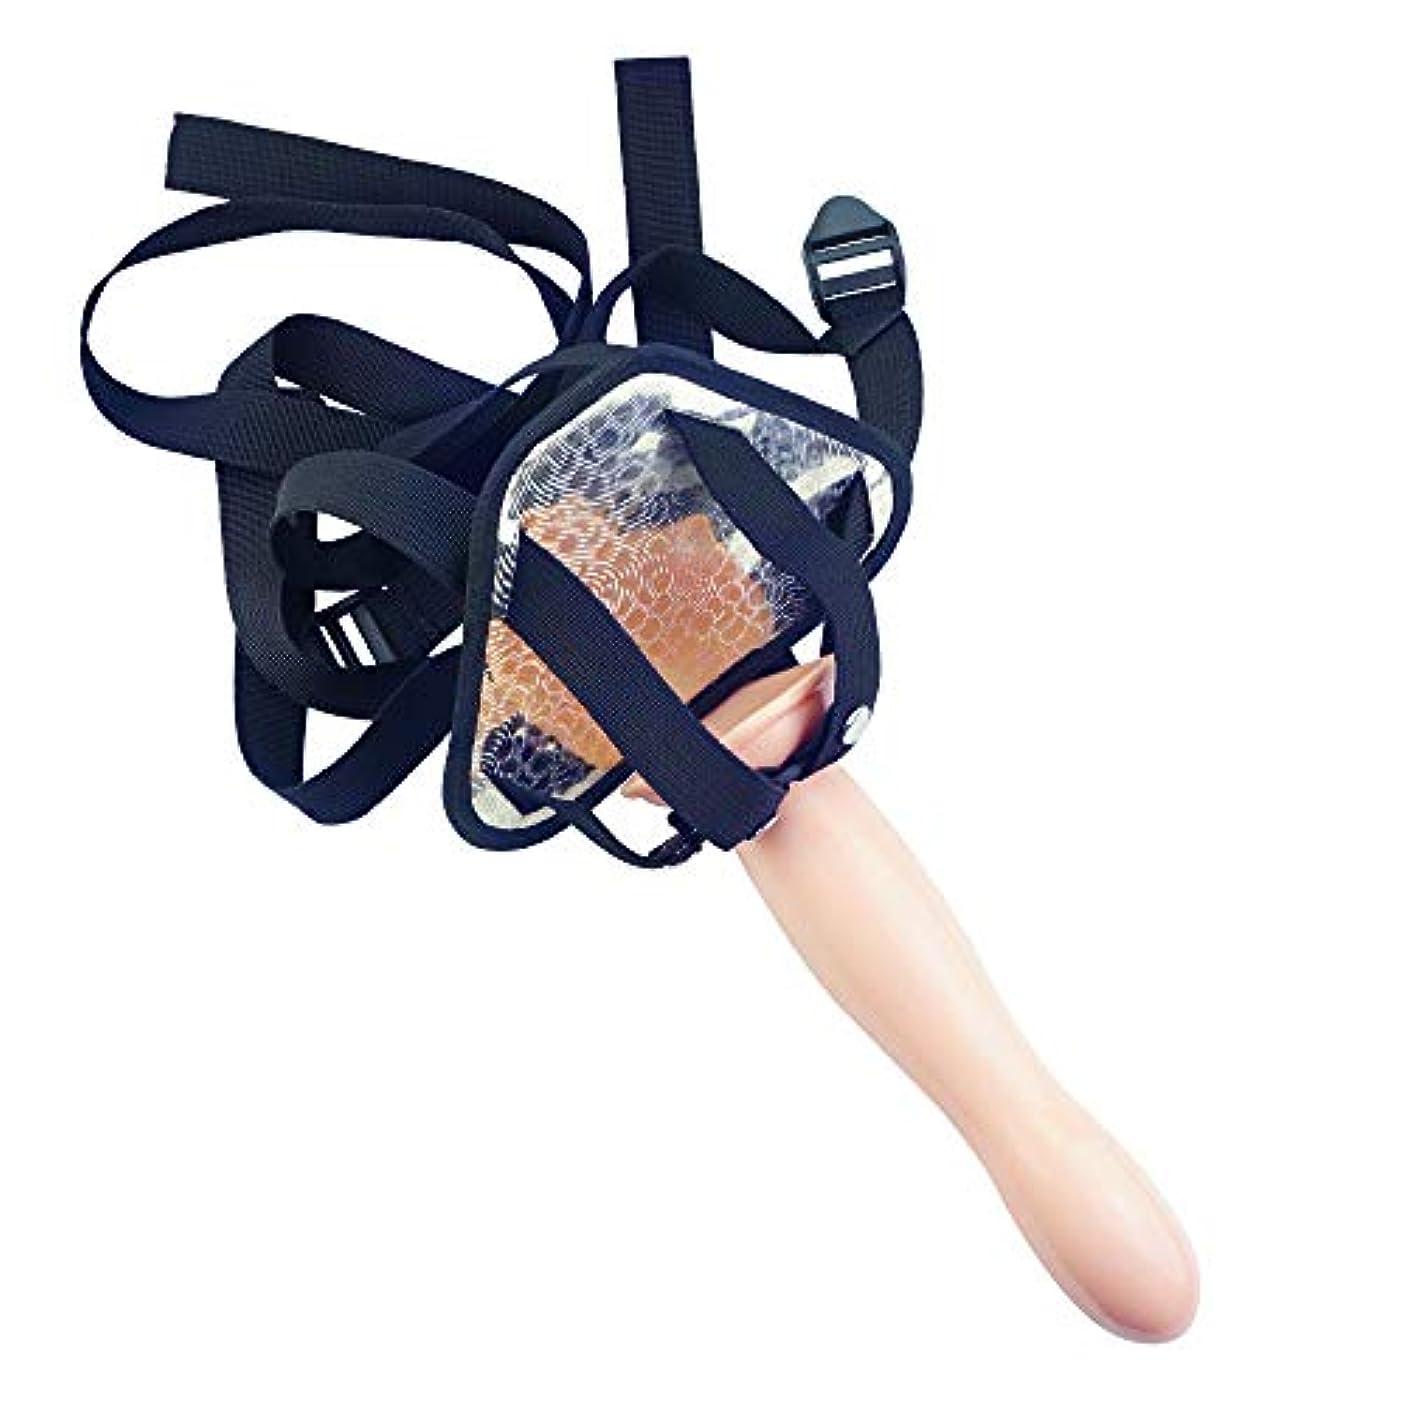 セミナークリスマスバイオリンサクションベルト-調整可能な摩耗とリラクゼーションロッドを備えた大型ツール